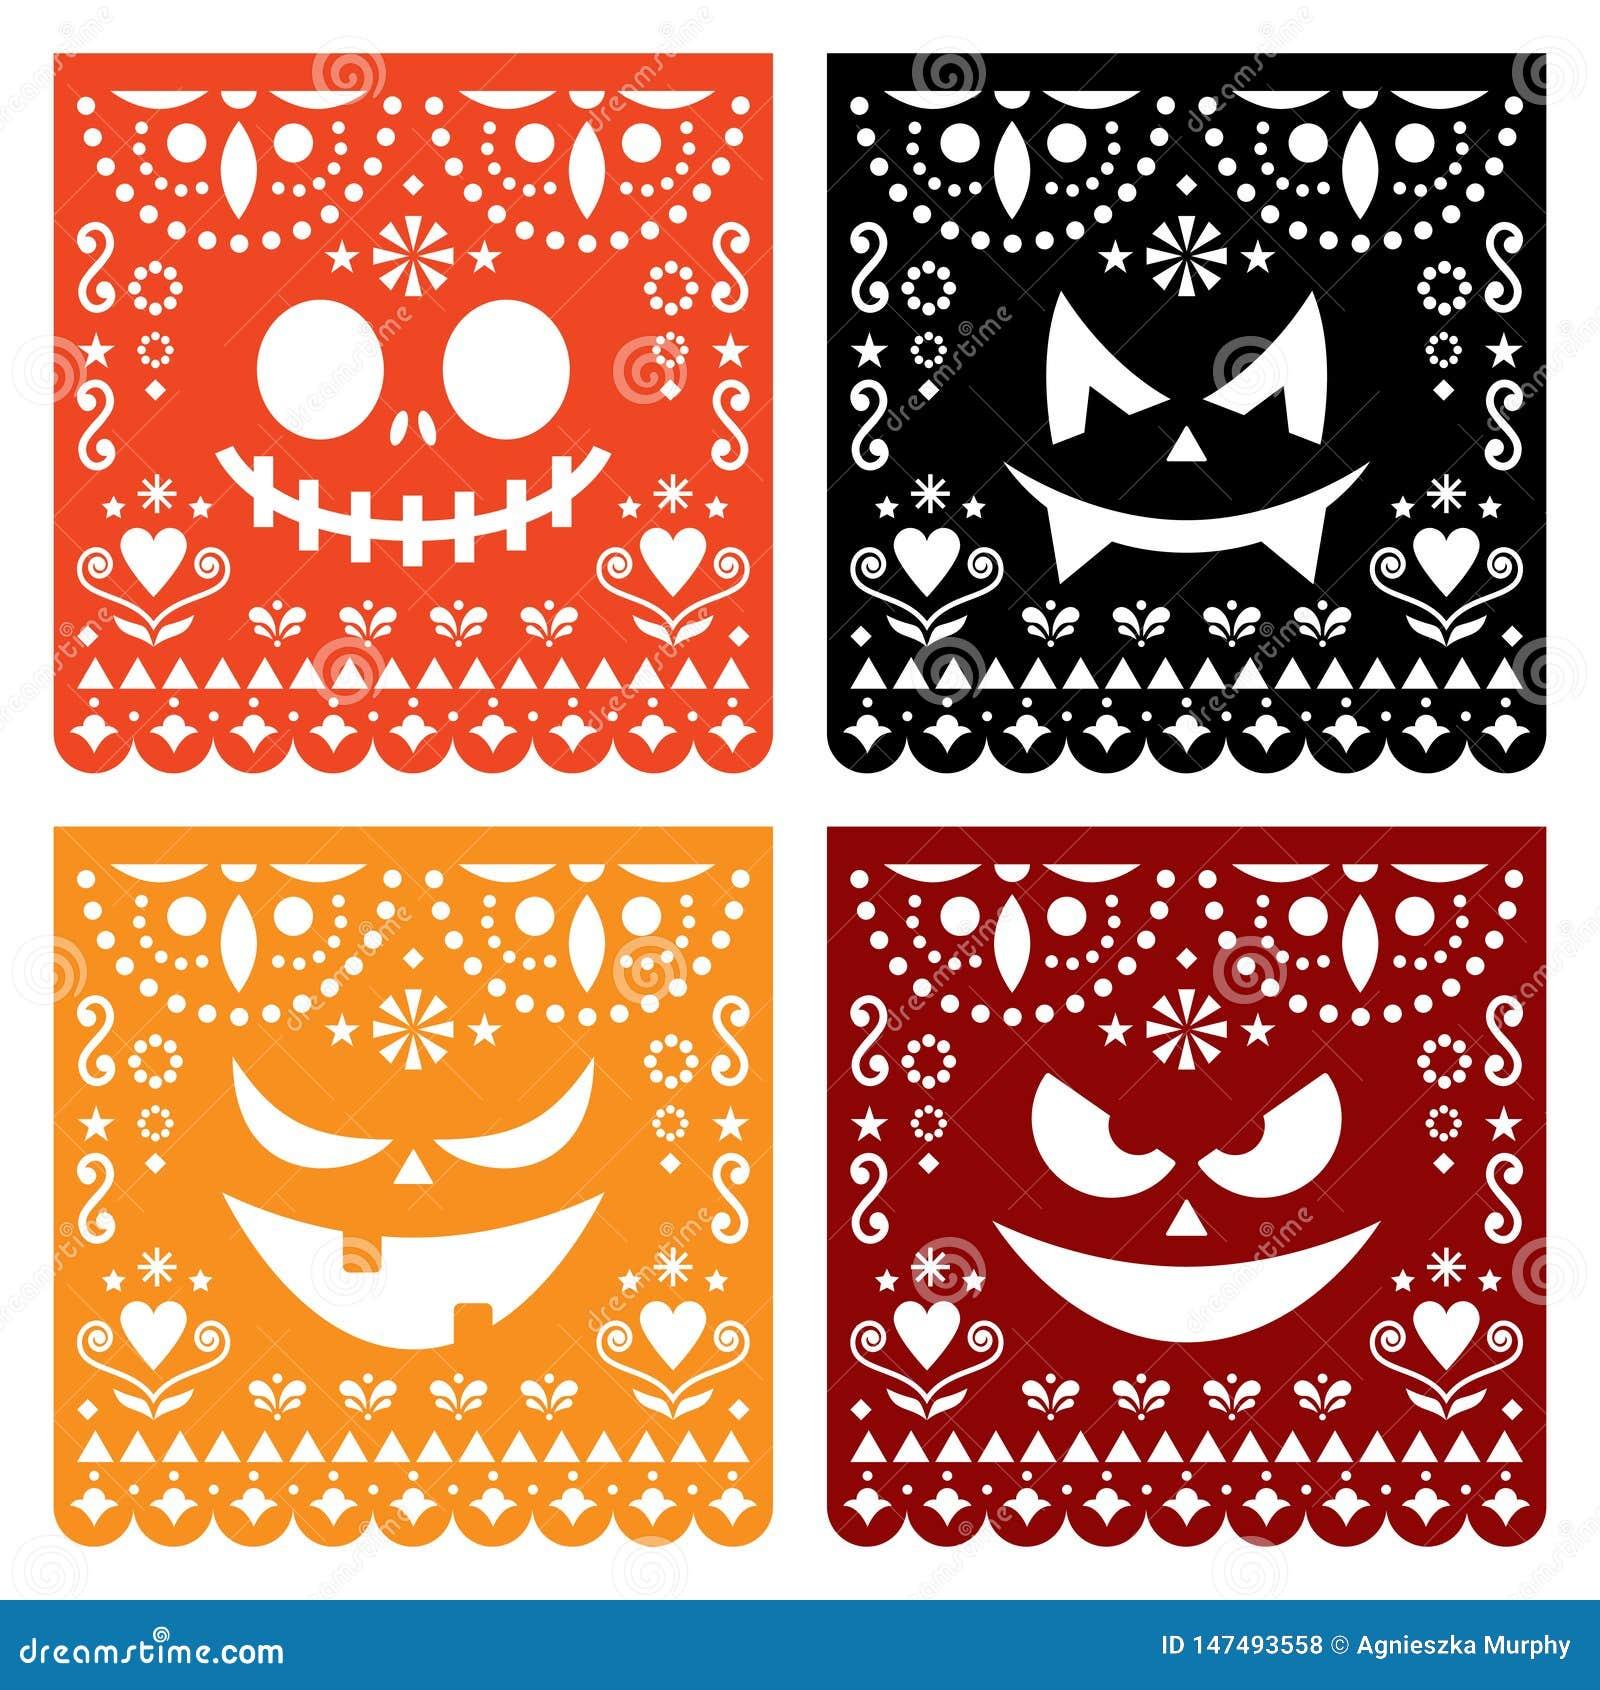 Halloween Papel Picado Design With Pumpkin Scary Faces